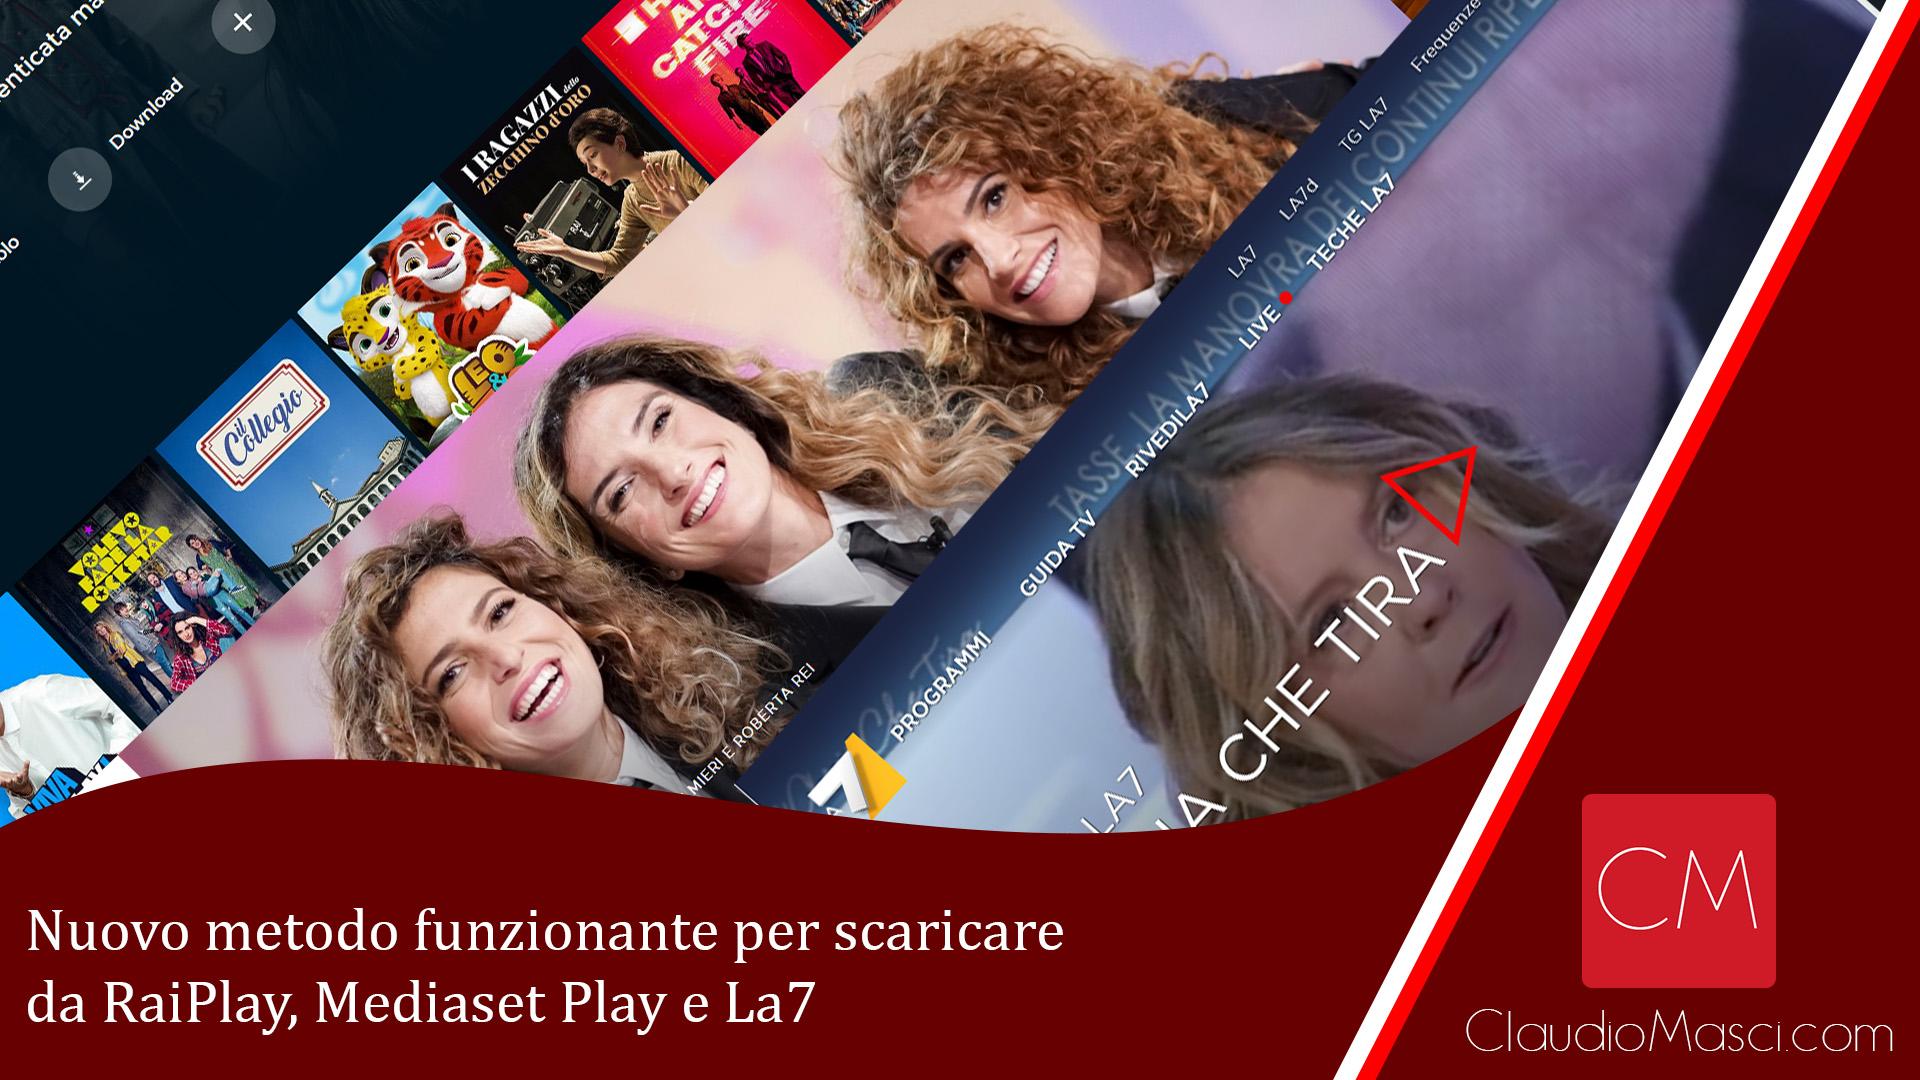 Nuovo metodo funzionante per scaricare da RaiPlay, Mediaset Play e La7